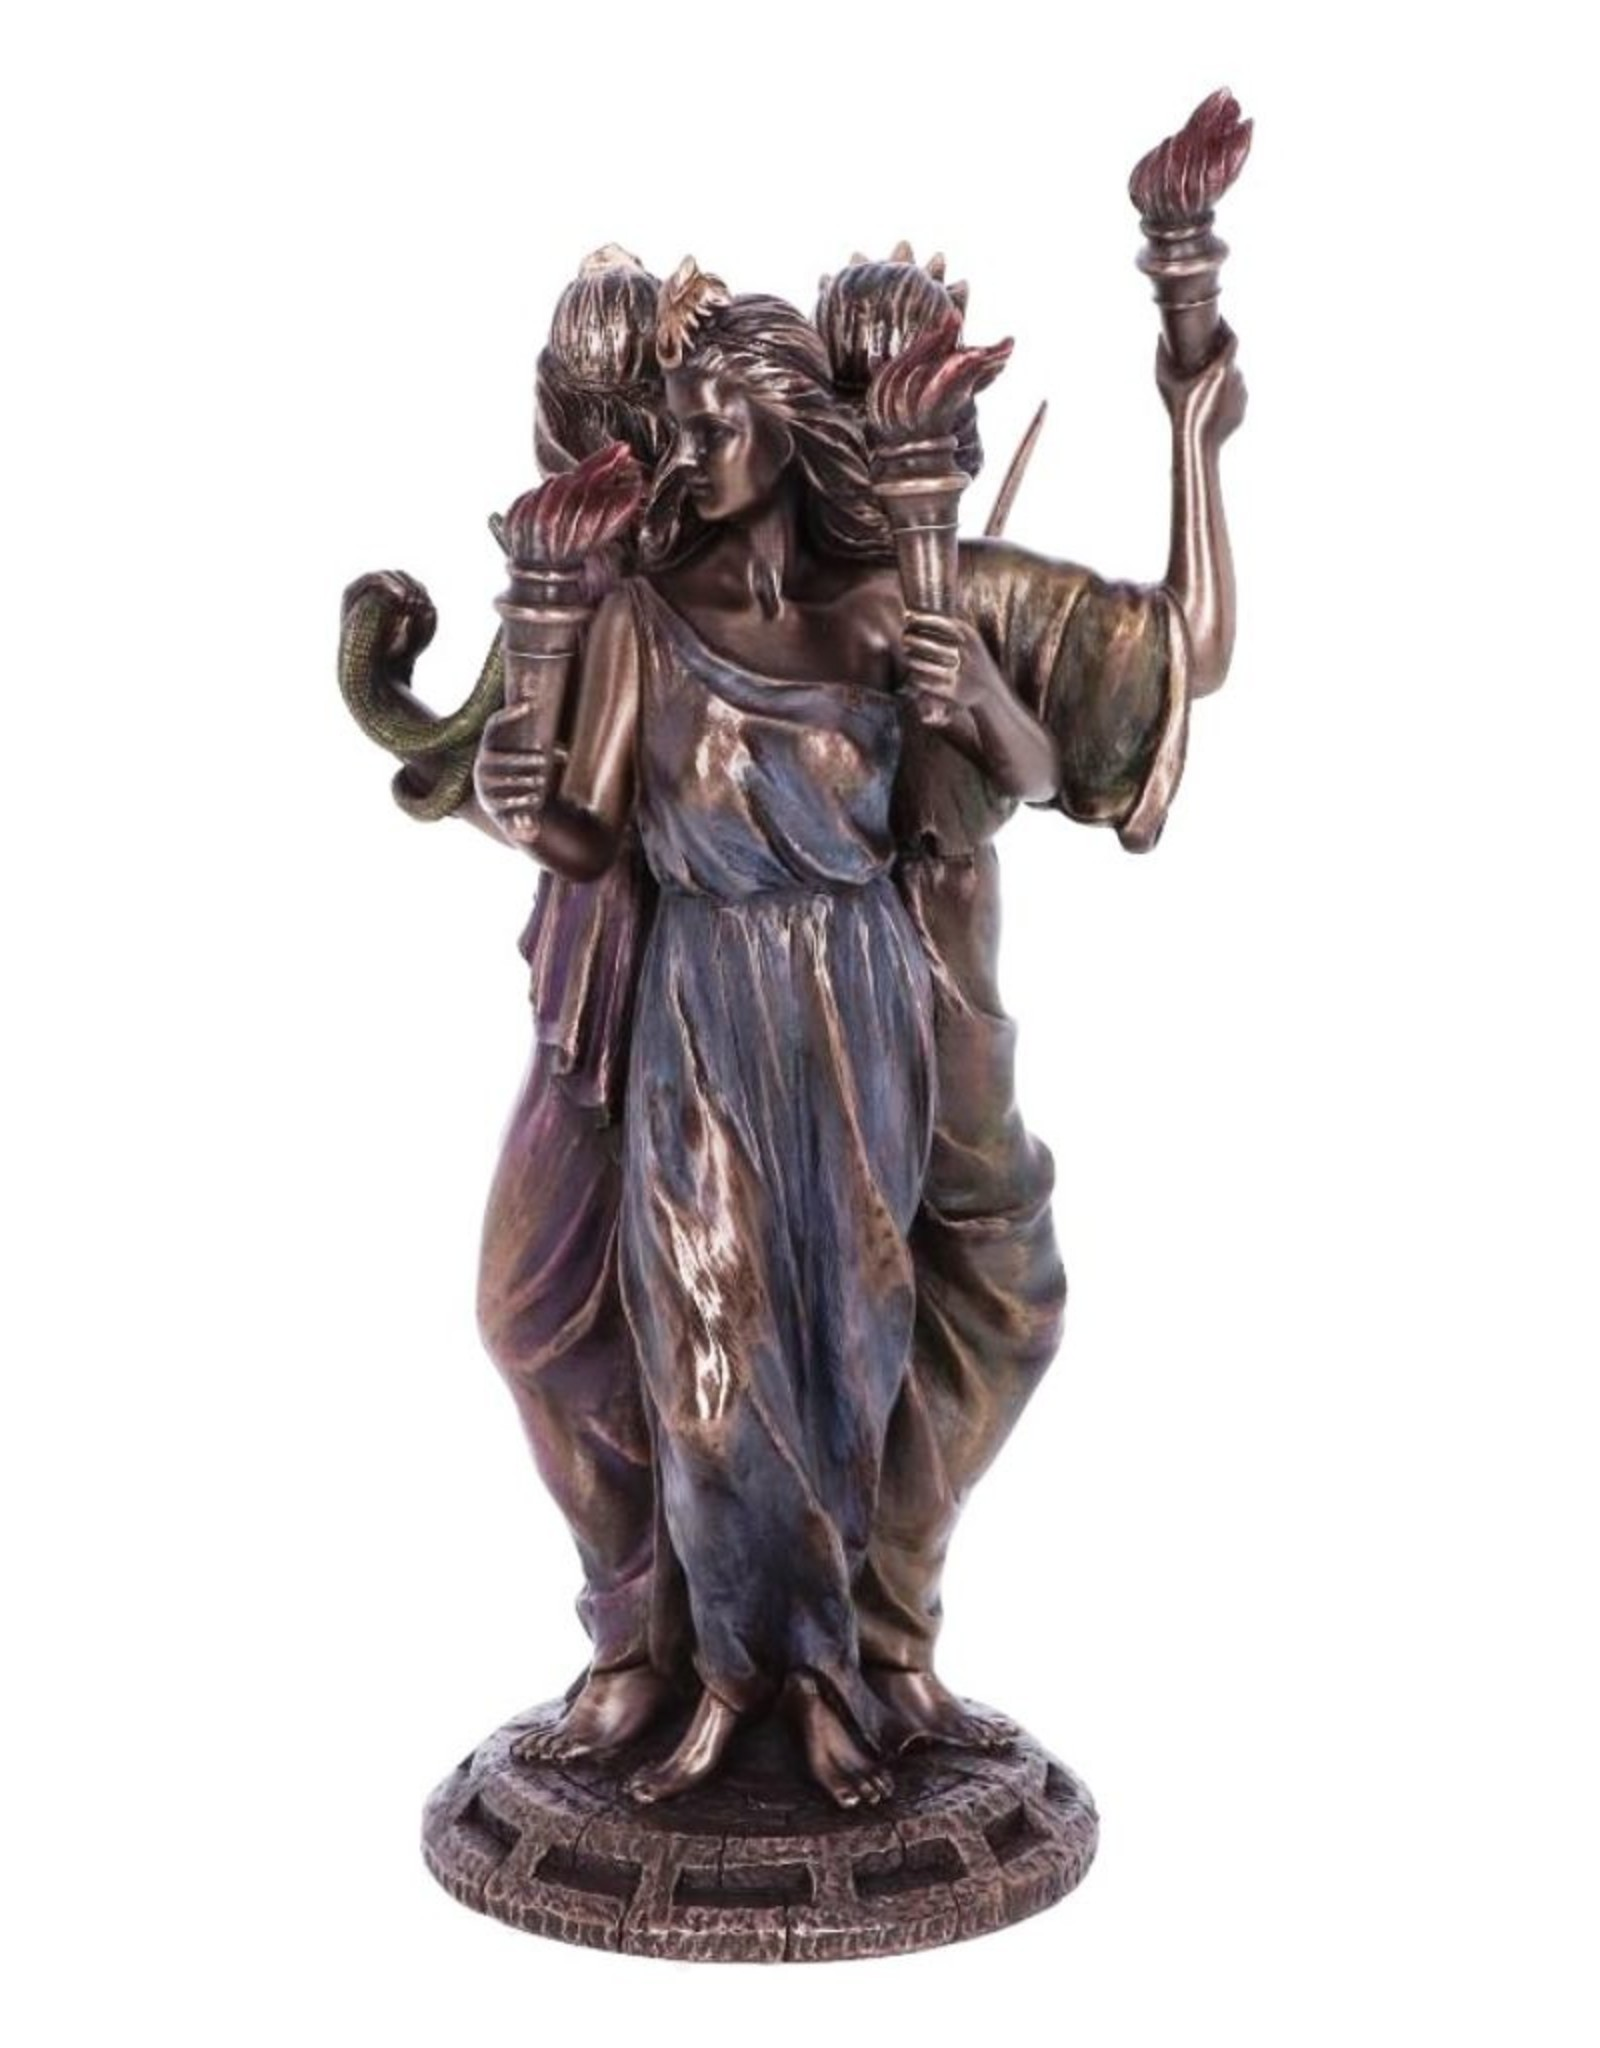 Willow Hall Giftware & Lifestyle - Hecate Drievoudige Godin van Magie